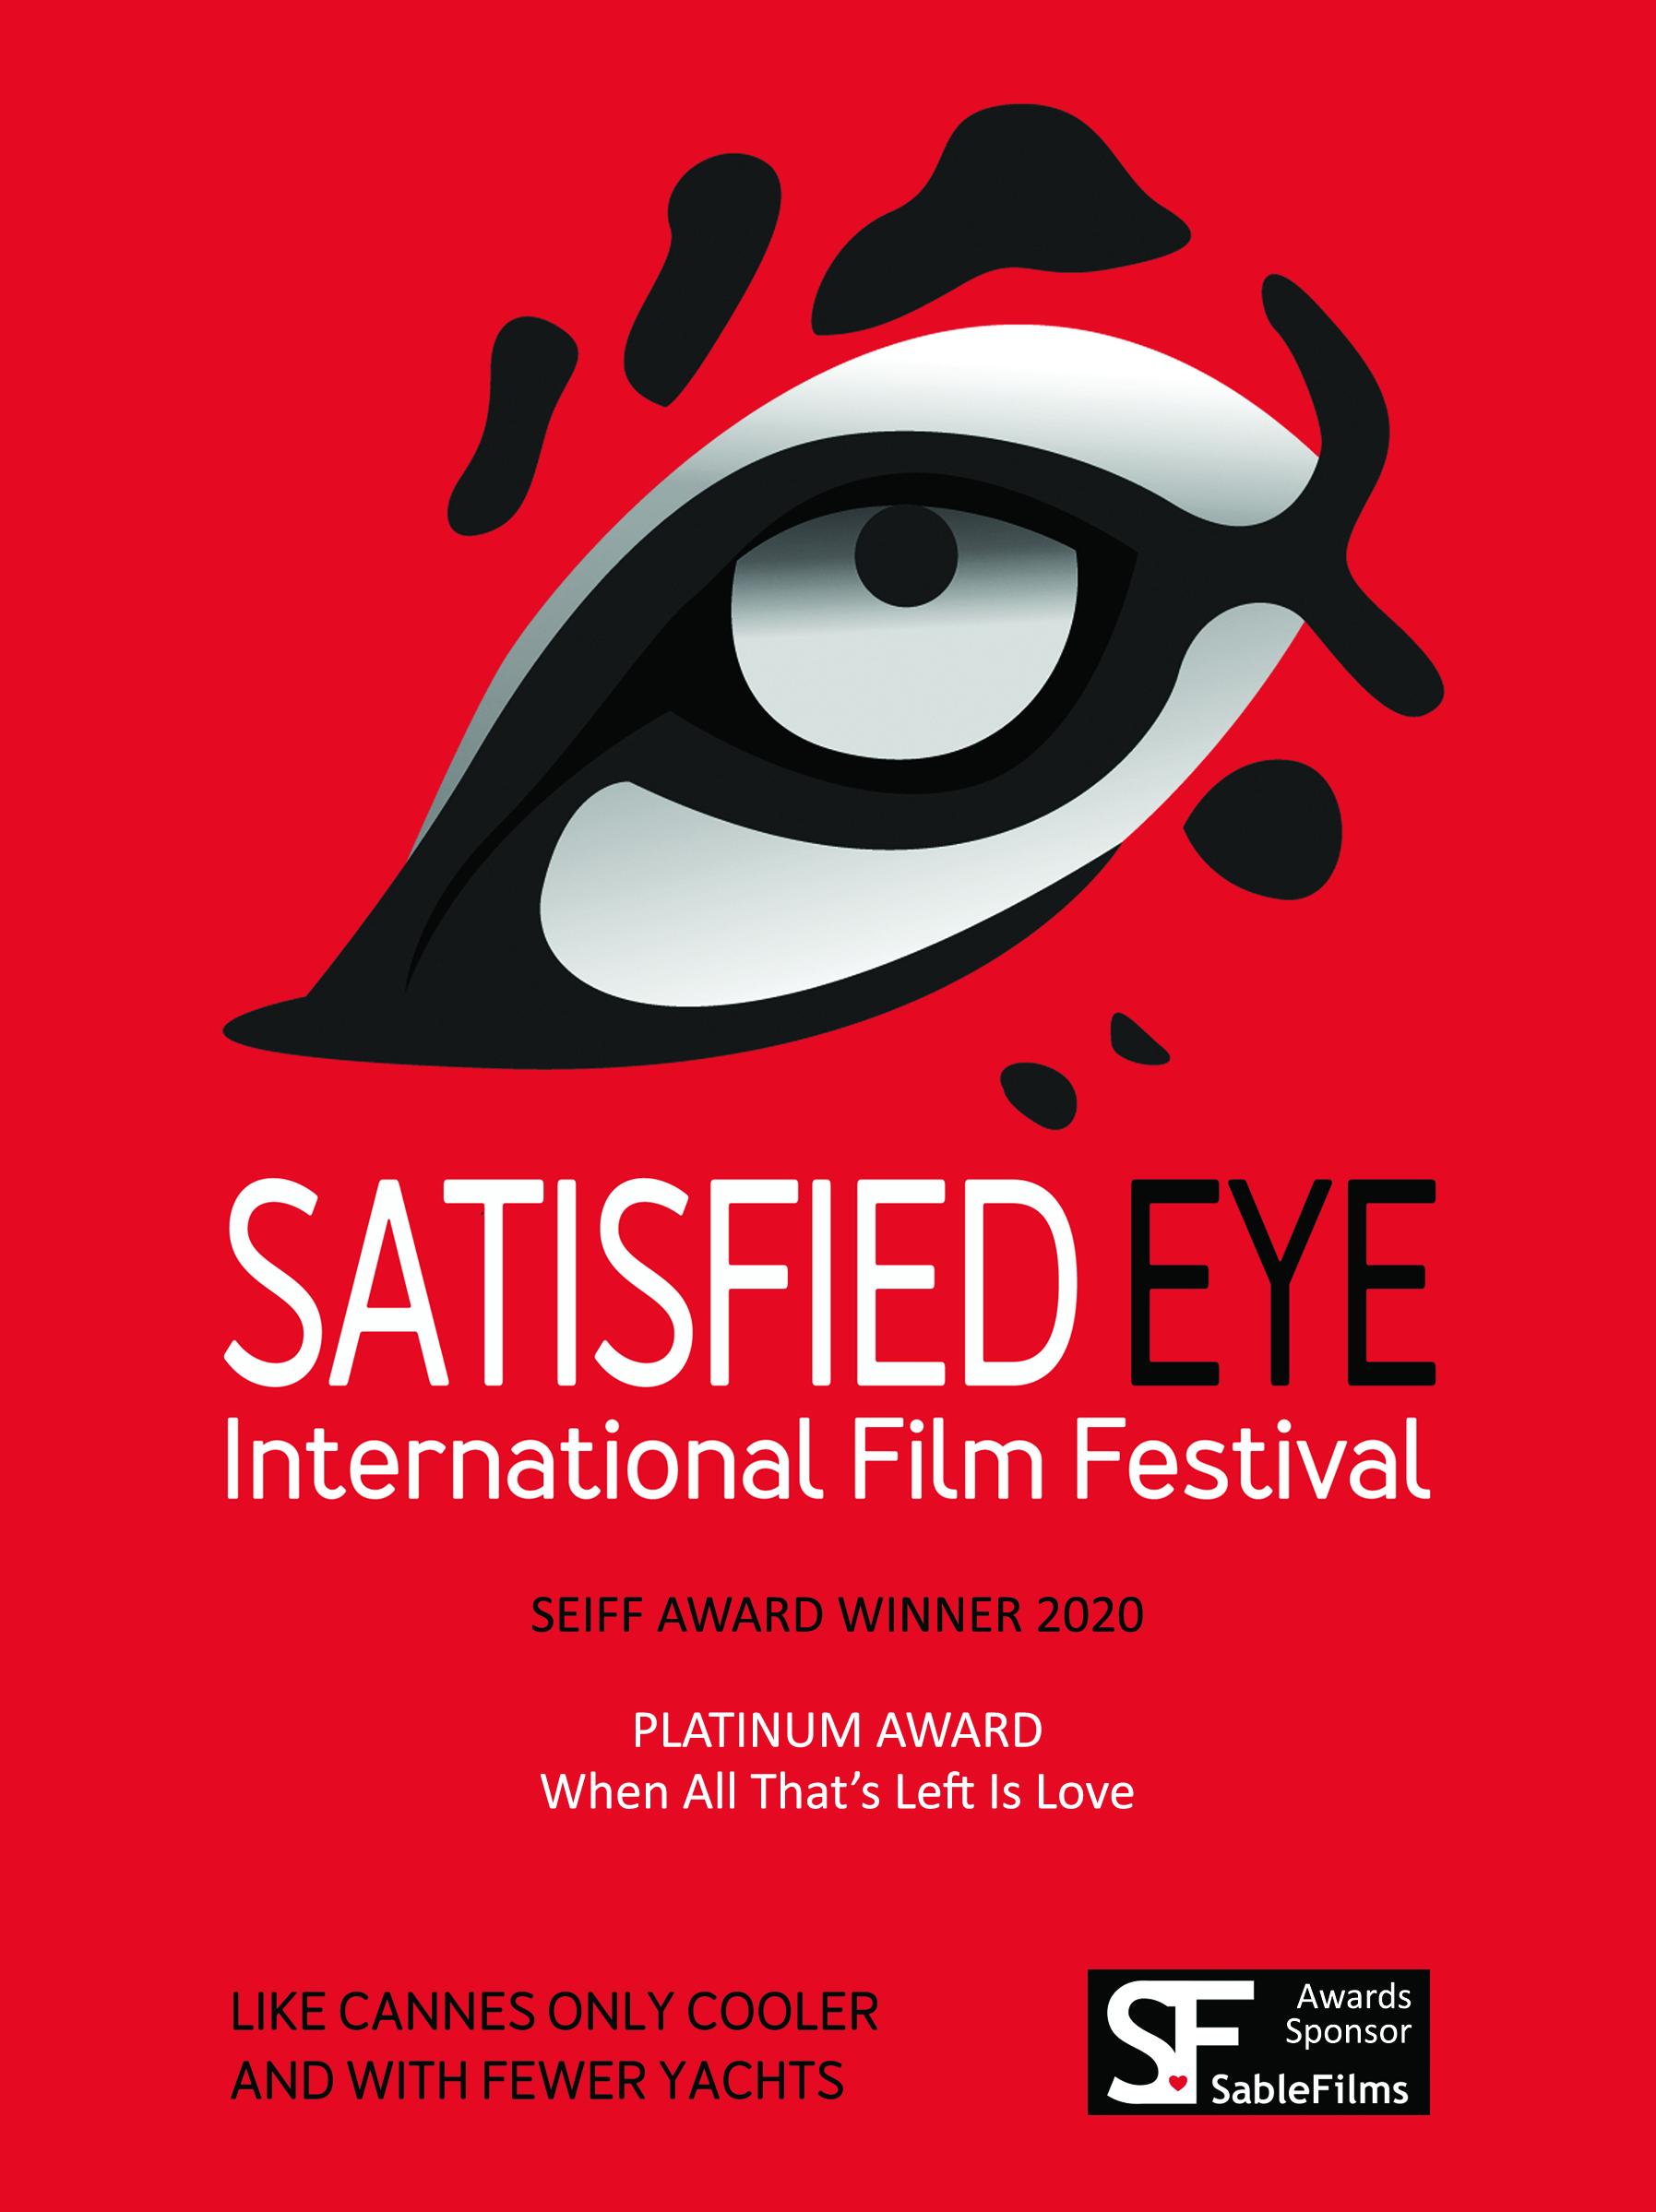 satisfied-eye